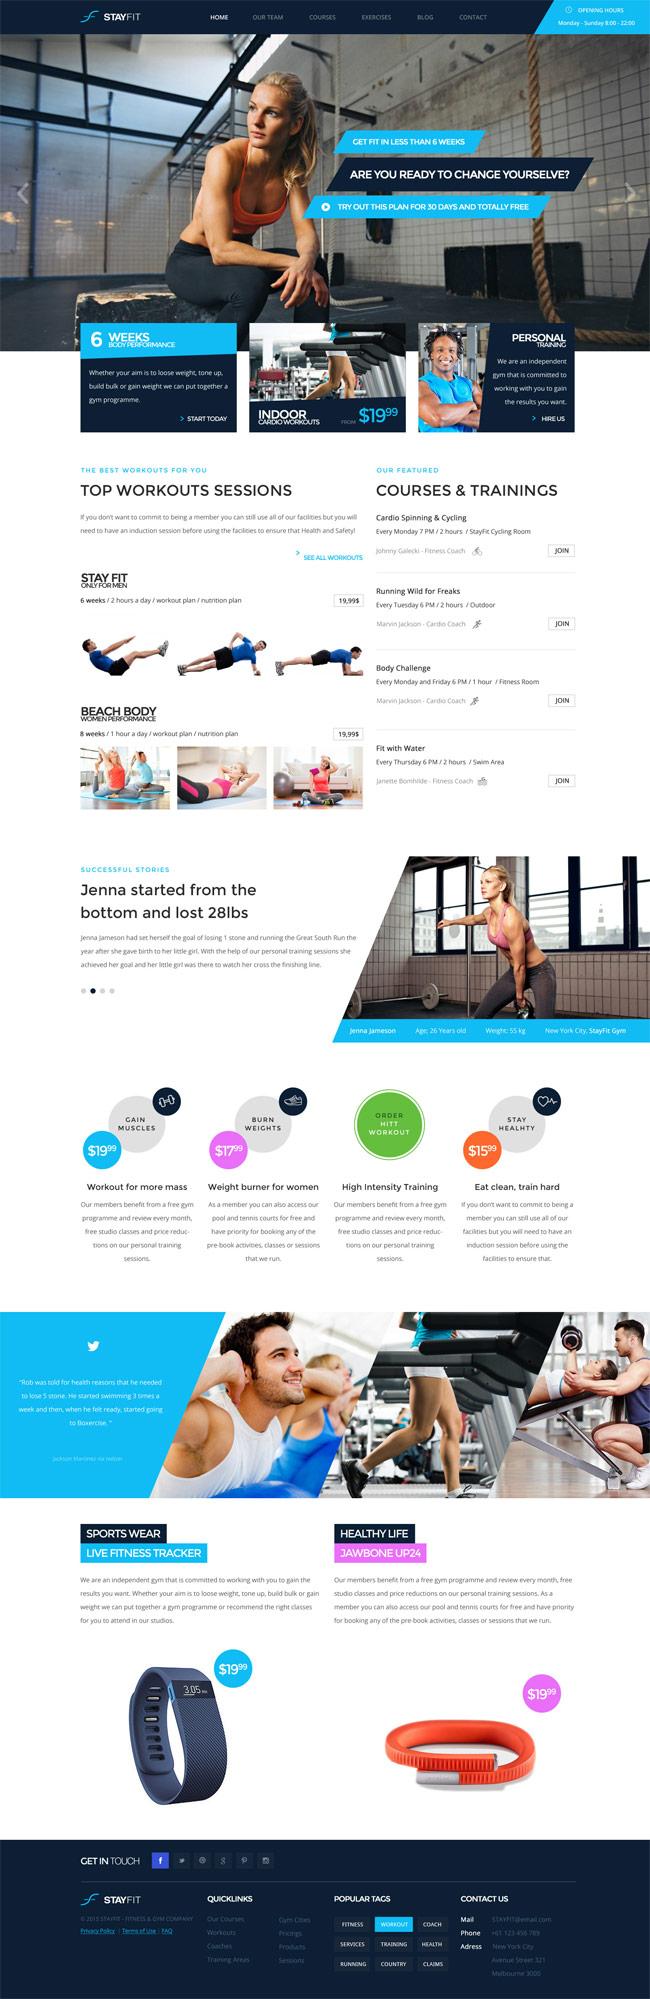 Stayfit-Sports-Health-Gym-Fitness-Wordpress-Theme